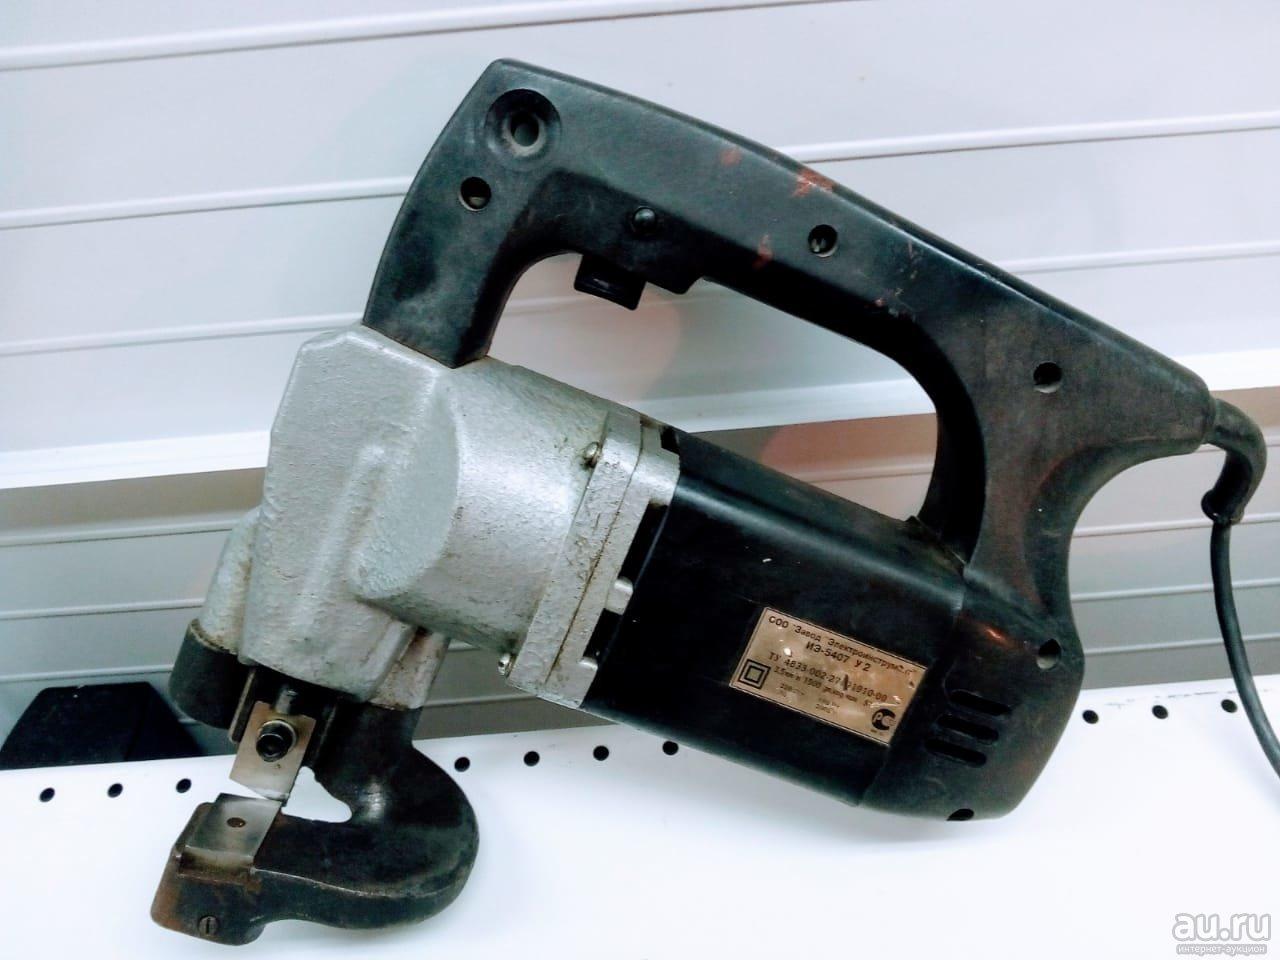 Как выбрать электрические ножницы по металлу: советы экспертов как выбрать электроножницы